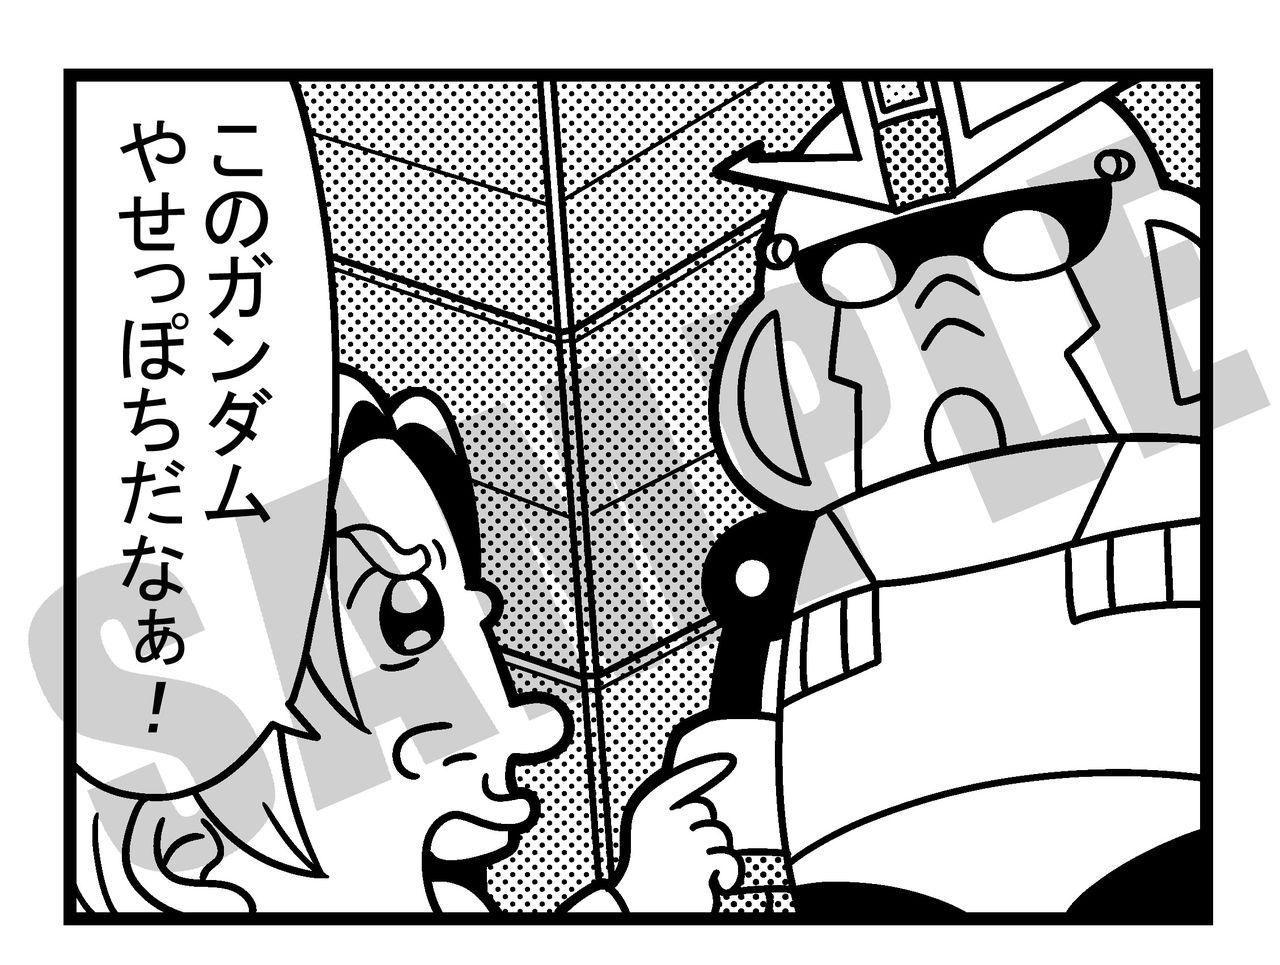 9週目入場者特典「大川ぶくぶ先生の描き下ろし漫画」 (C)創通・サンライズ